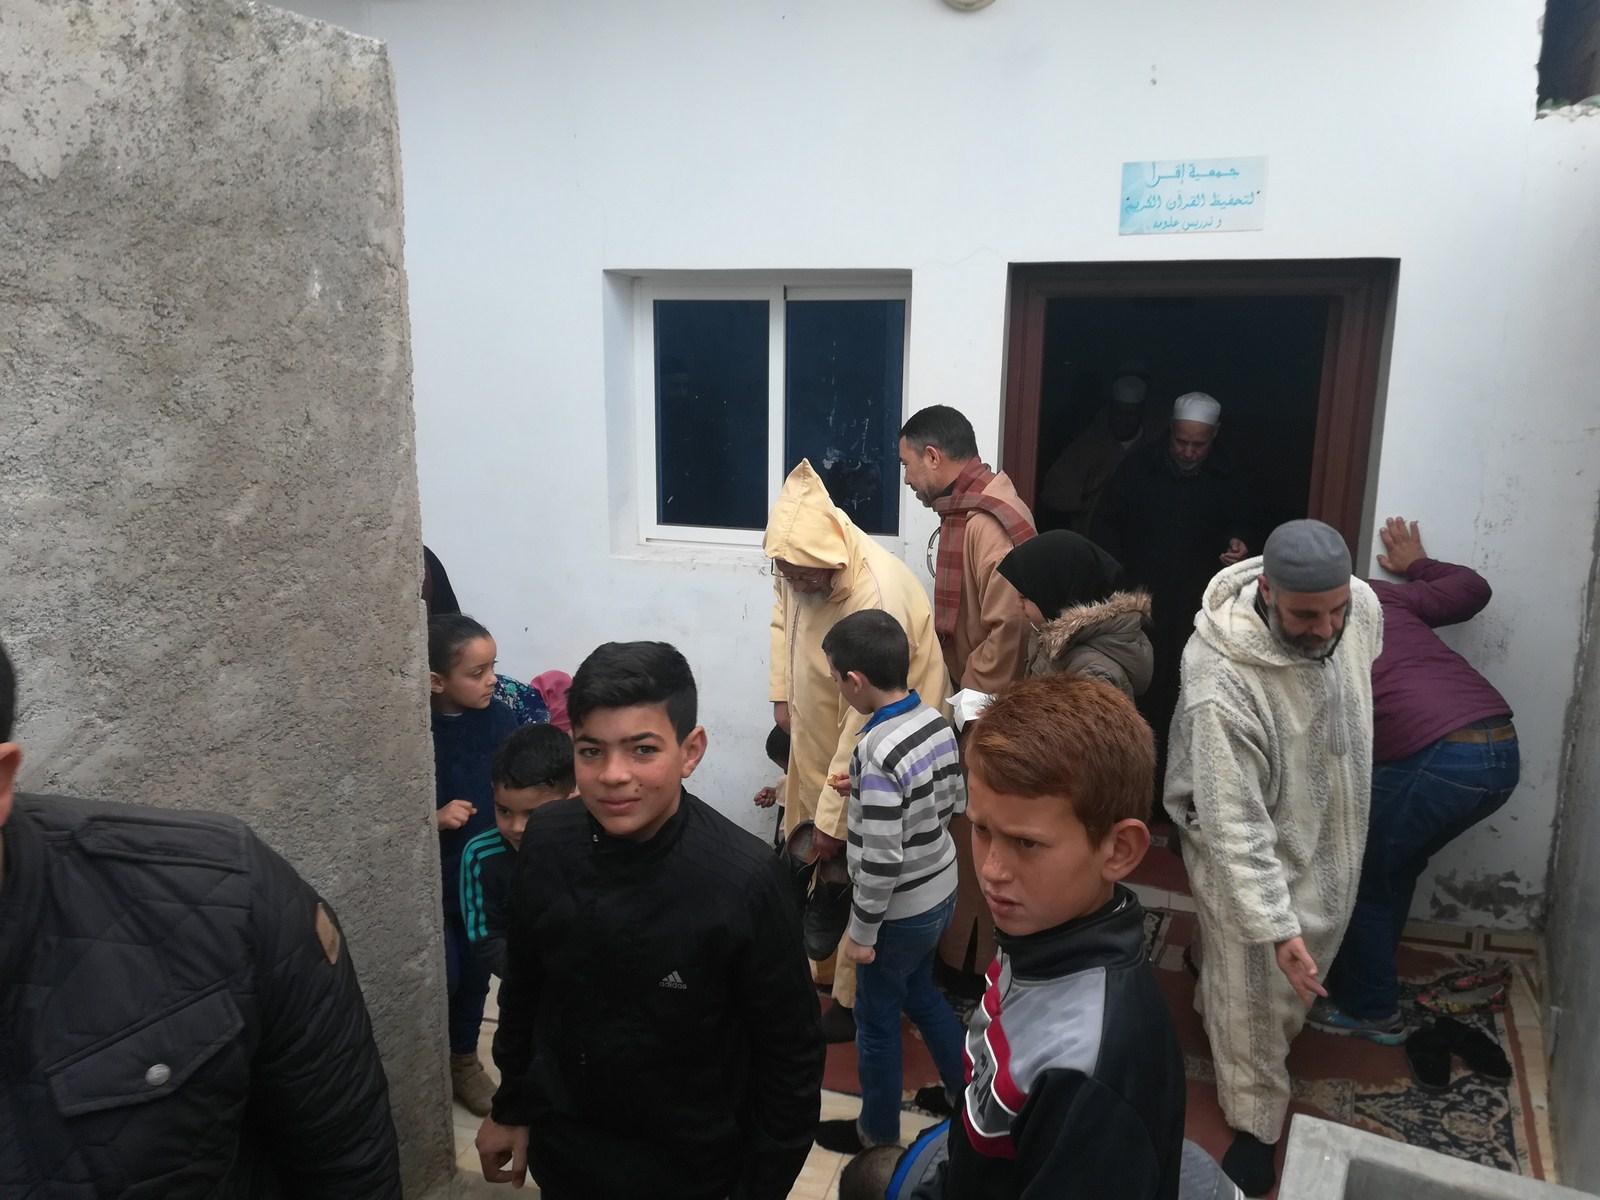 تزغين / الدريوش  : جمعية اقرأ لتحفيظ القران الكريم تنظم لقاء تواصليا لفائدة أباء طلبة حفظة القرآن